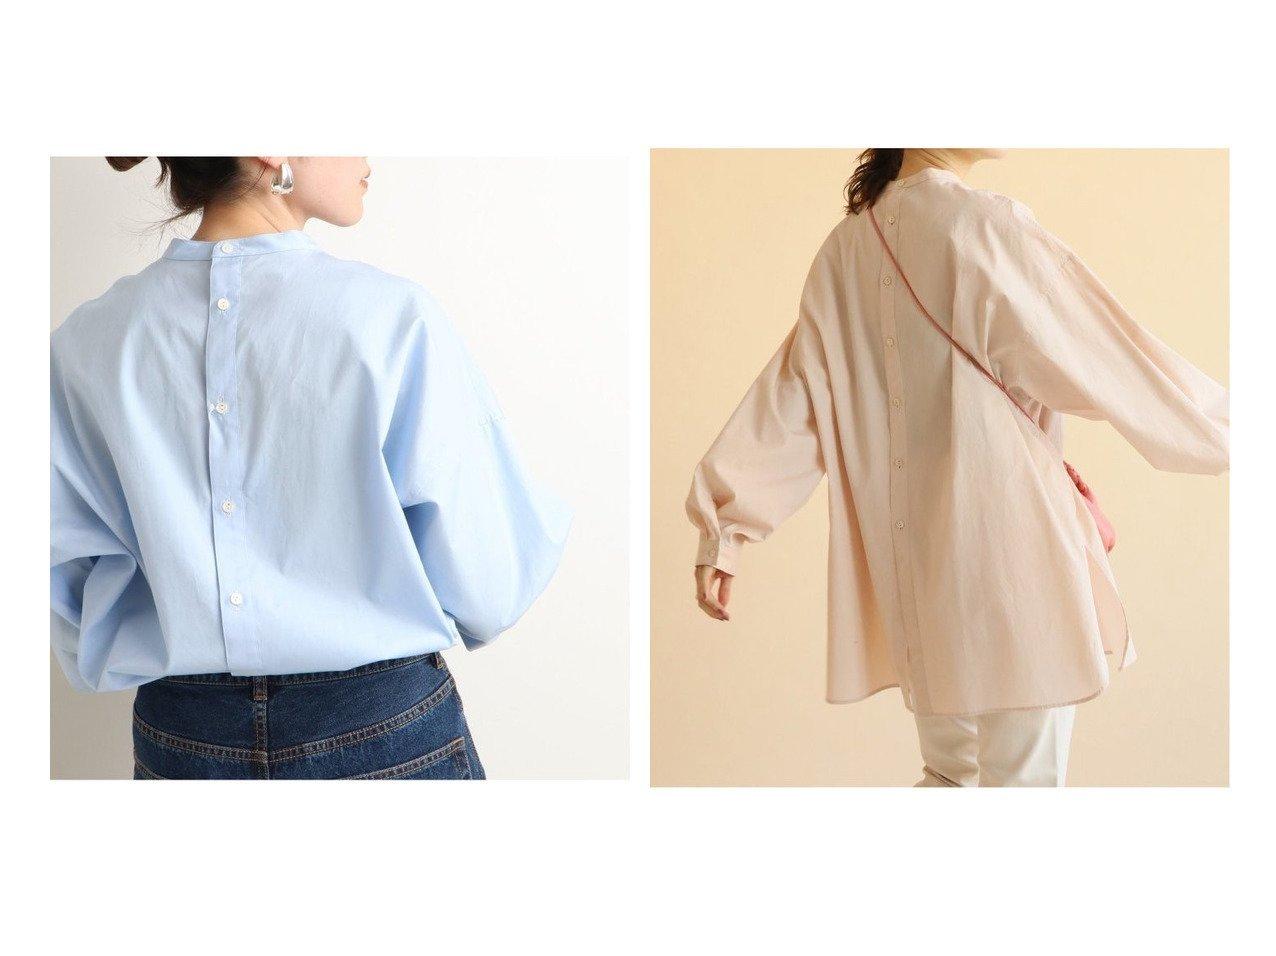 【IENA/イエナ】のコットンブロードバックボタンシャツ IENAのおすすめ!人気、トレンド・レディースファッションの通販 おすすめで人気の流行・トレンド、ファッションの通販商品 メンズファッション・キッズファッション・インテリア・家具・レディースファッション・服の通販 founy(ファニー) https://founy.com/ ファッション Fashion レディースファッション WOMEN トップス カットソー Tops Tshirt シャツ/ブラウス Shirts Blouses 2021年 2021 2021 春夏 S/S SS Spring/Summer 2021 S/S 春夏 SS Spring/Summer コンパクト ブロード 再入荷 Restock/Back in Stock/Re Arrival |ID:crp329100000020006